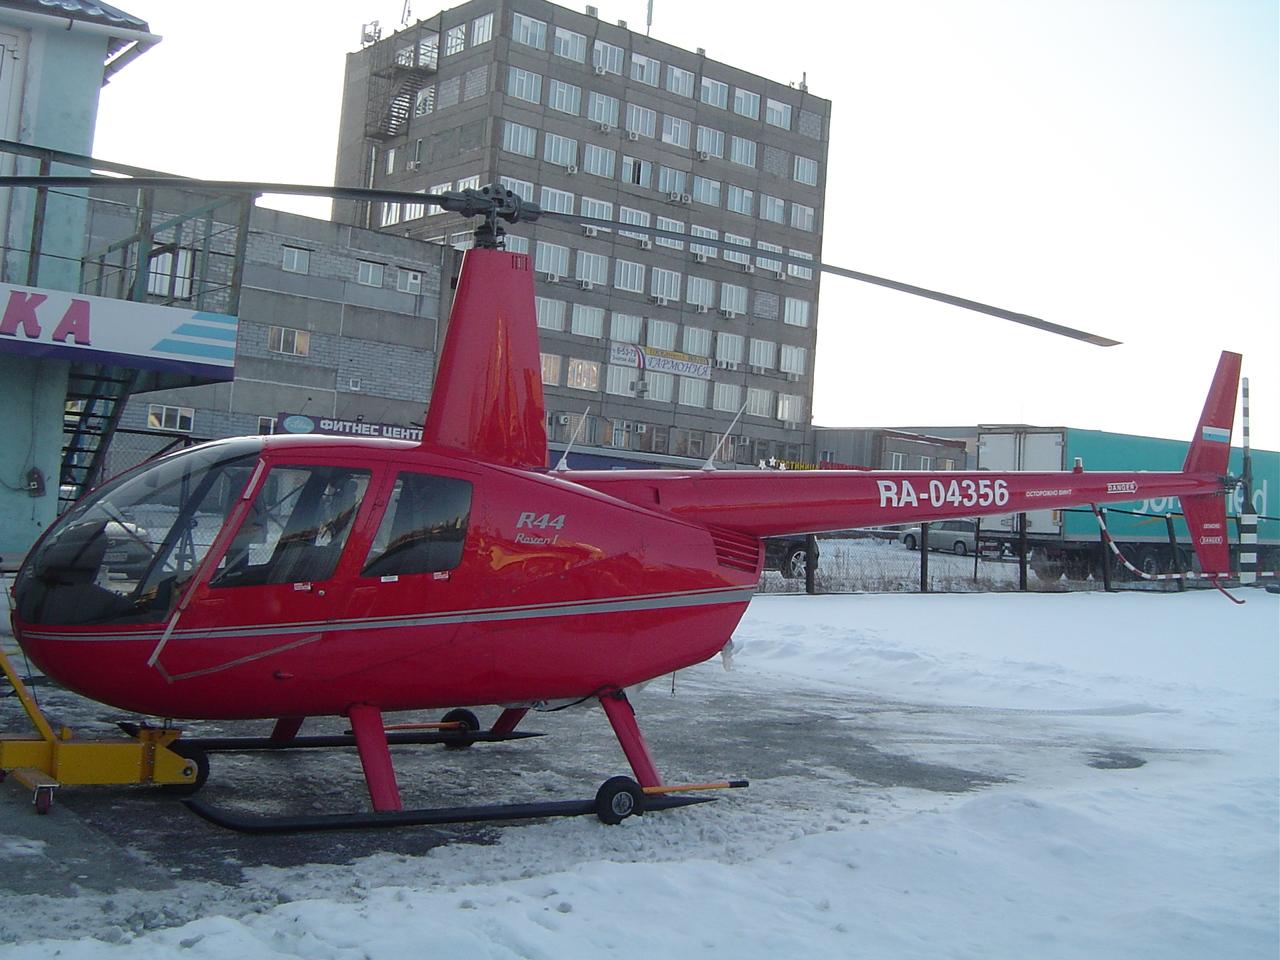 Ууральского завода задолги арестовали вертолет